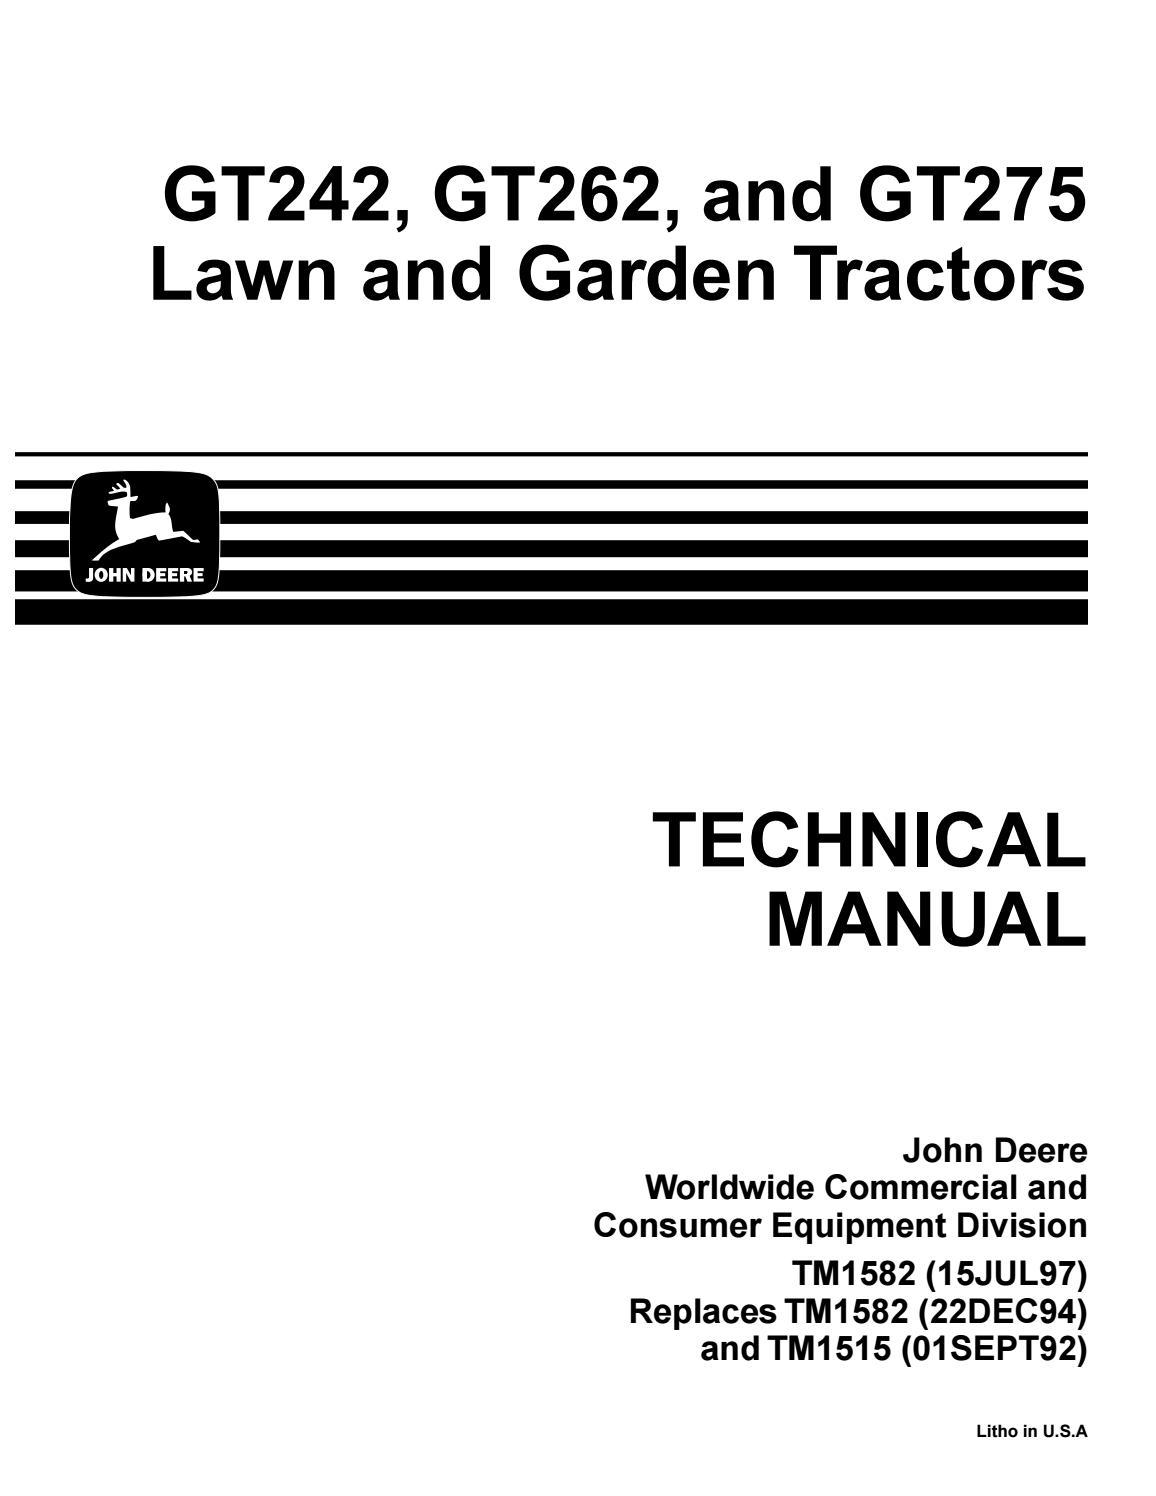 Elegant John Deere Lawn Garden Tractor Service Repair Manual By Jhjsnefnn John Deere Lawn Garden Tractor Service Repair Manual By John Deere Gt275 Deck Belt John Deere Gt275 Drive Belt houzz-03 John Deere Gt275